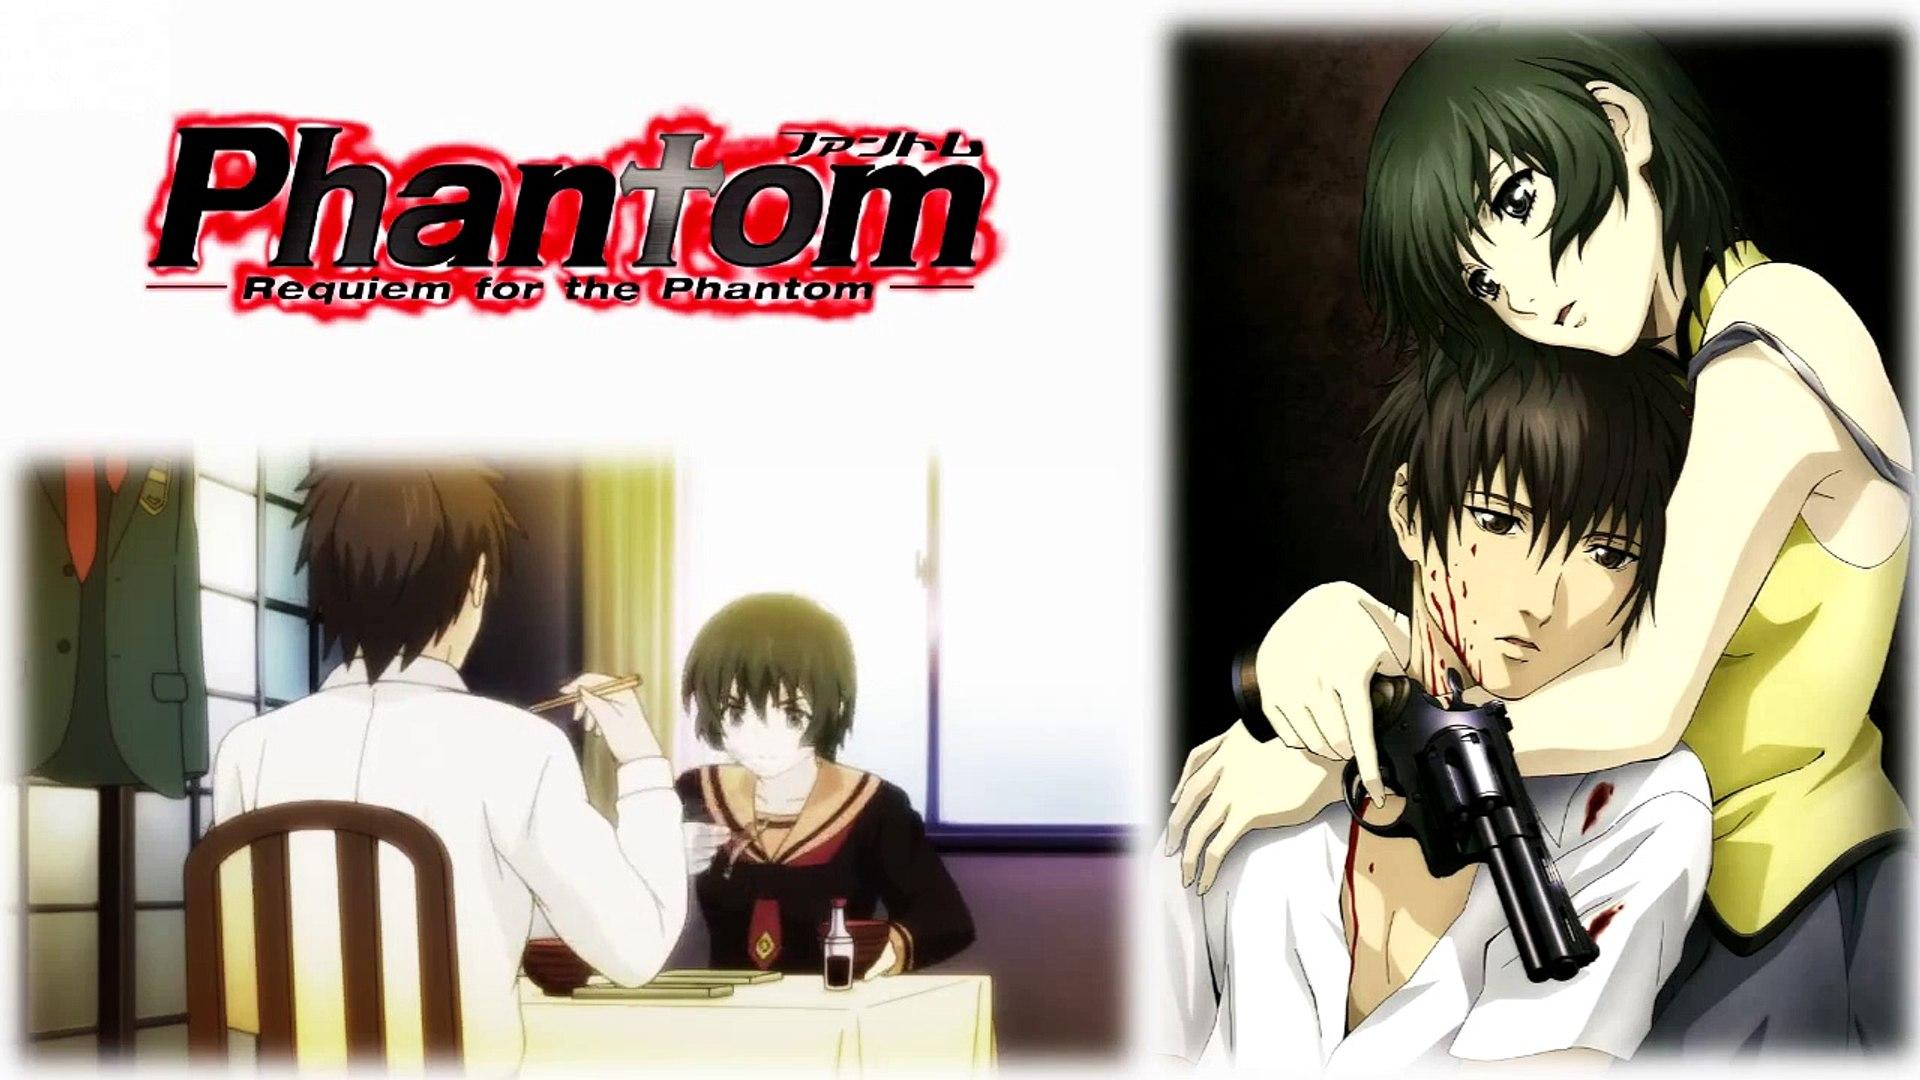 Phantom: Requiem for the Phantom OP 2 「Senritsu no Kodomotachi」